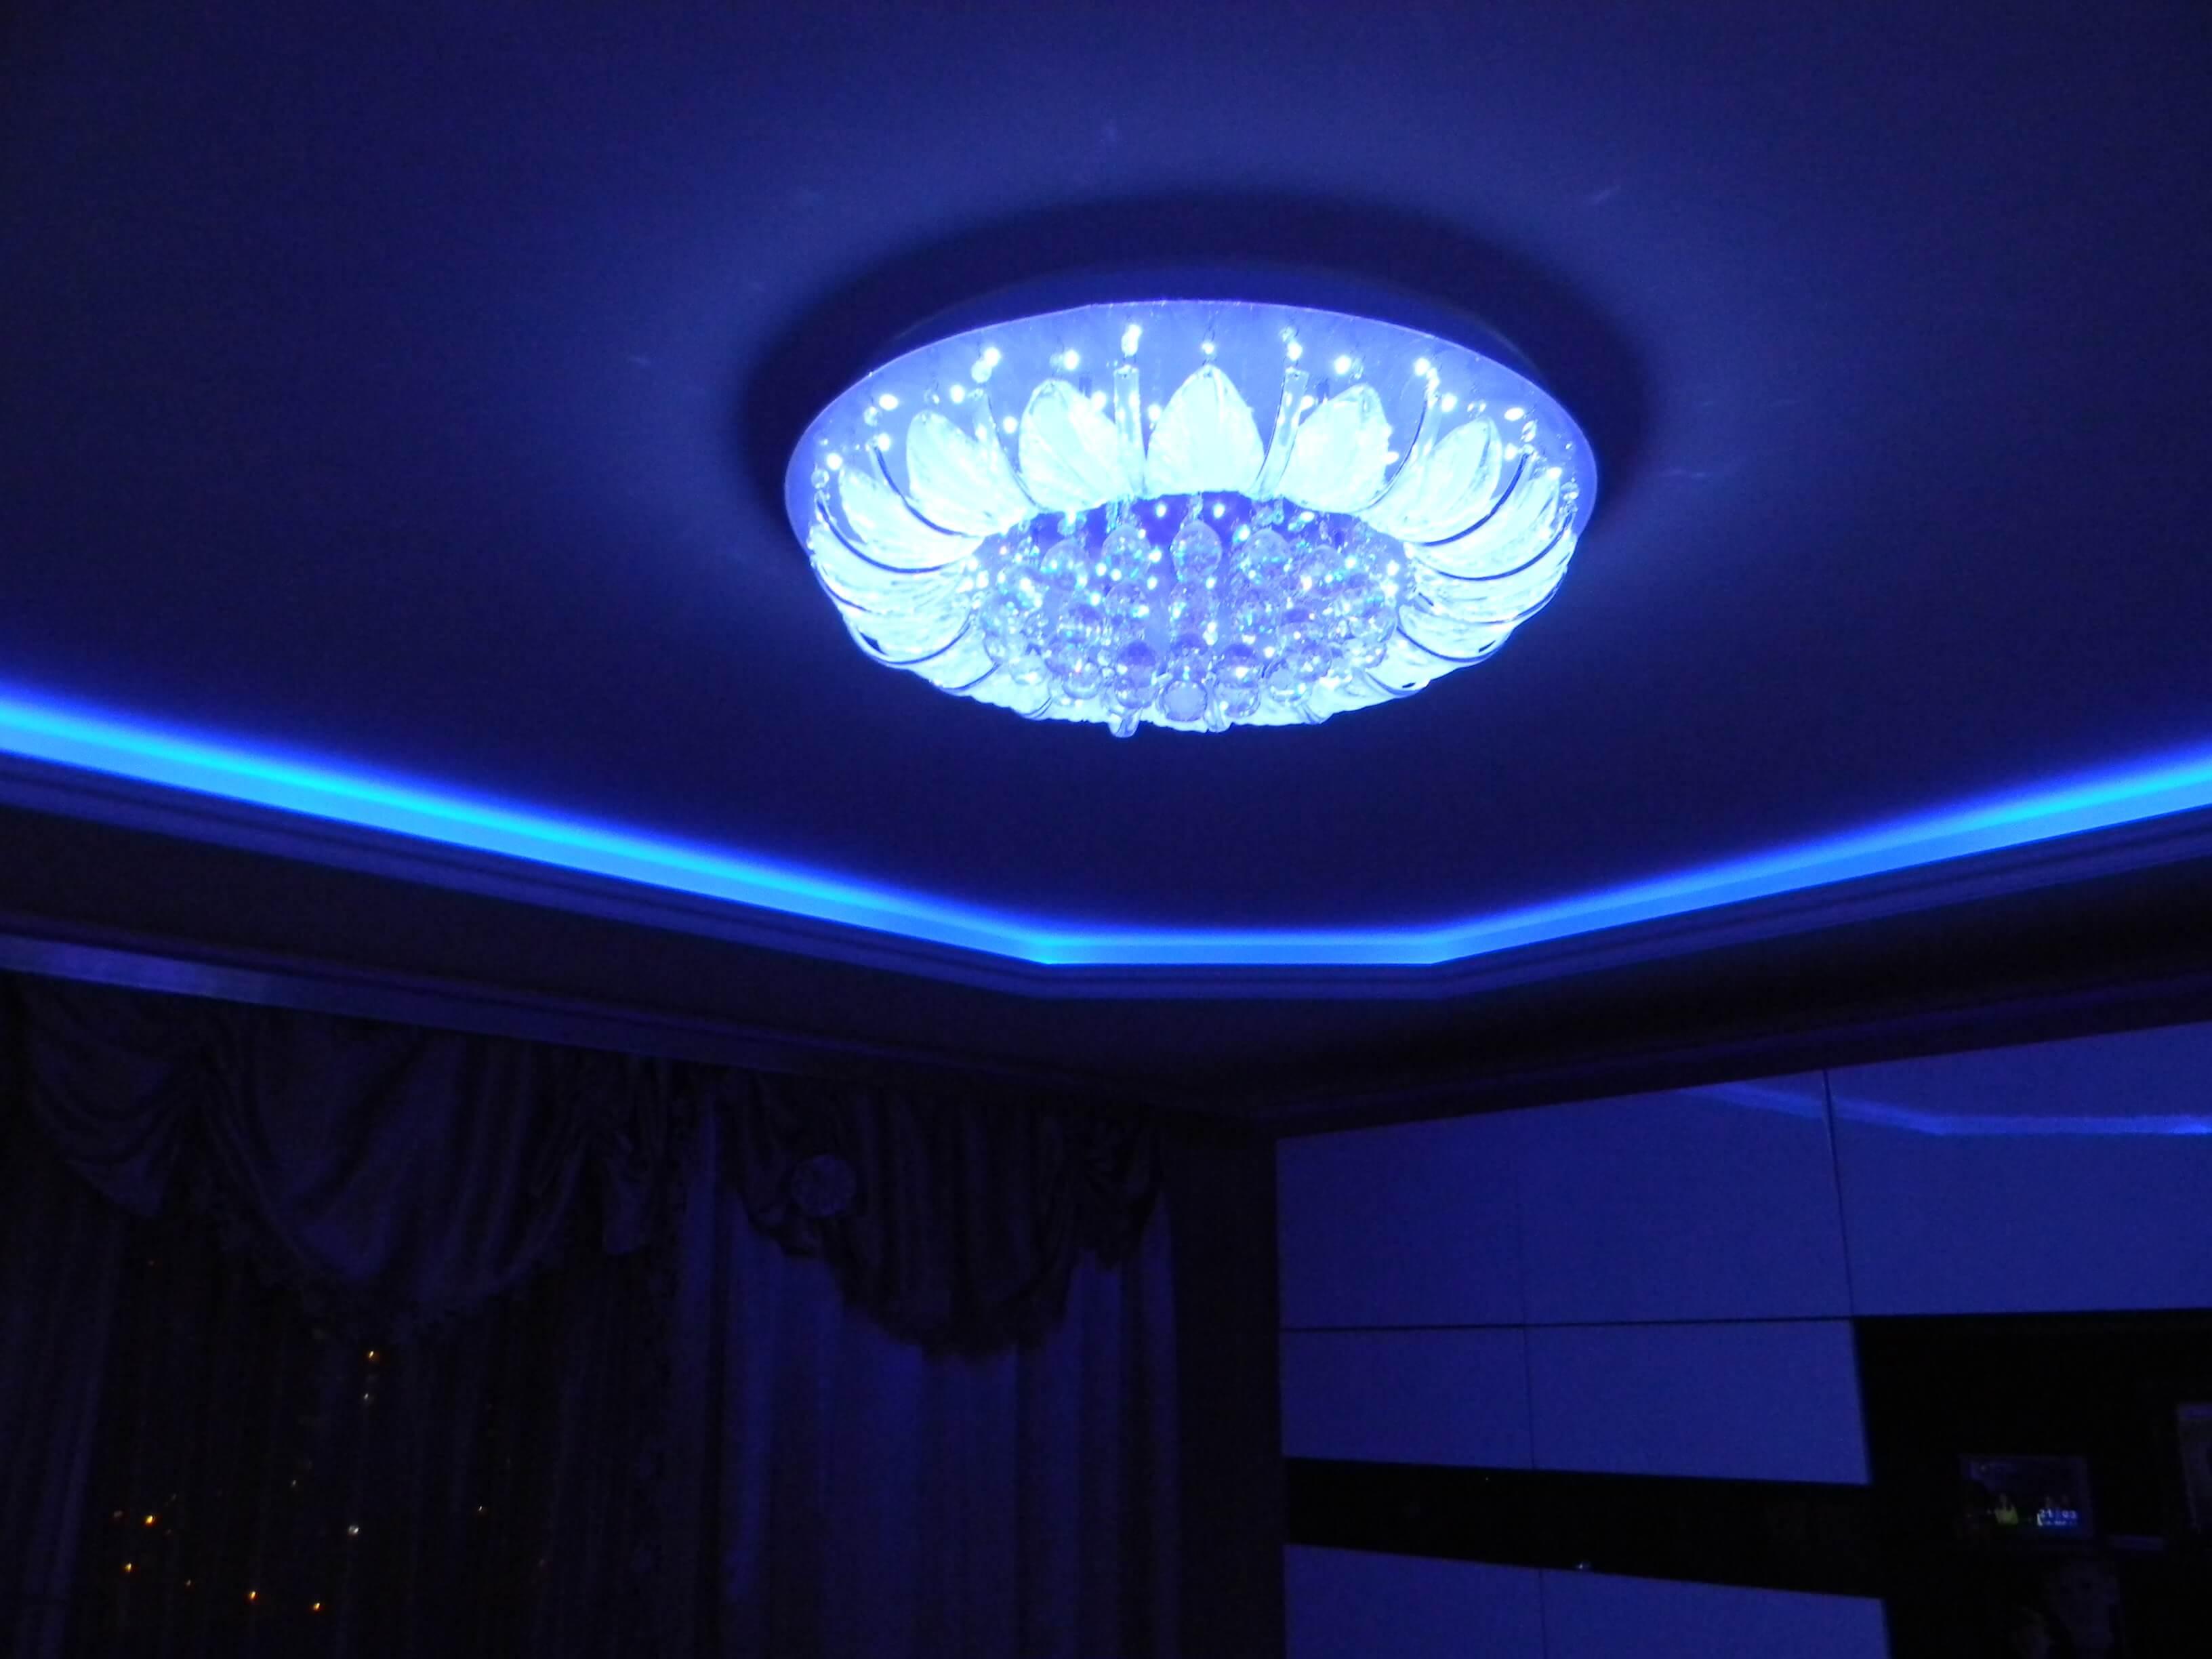 lep plafond impot 28 images comment faire un faux. Black Bedroom Furniture Sets. Home Design Ideas